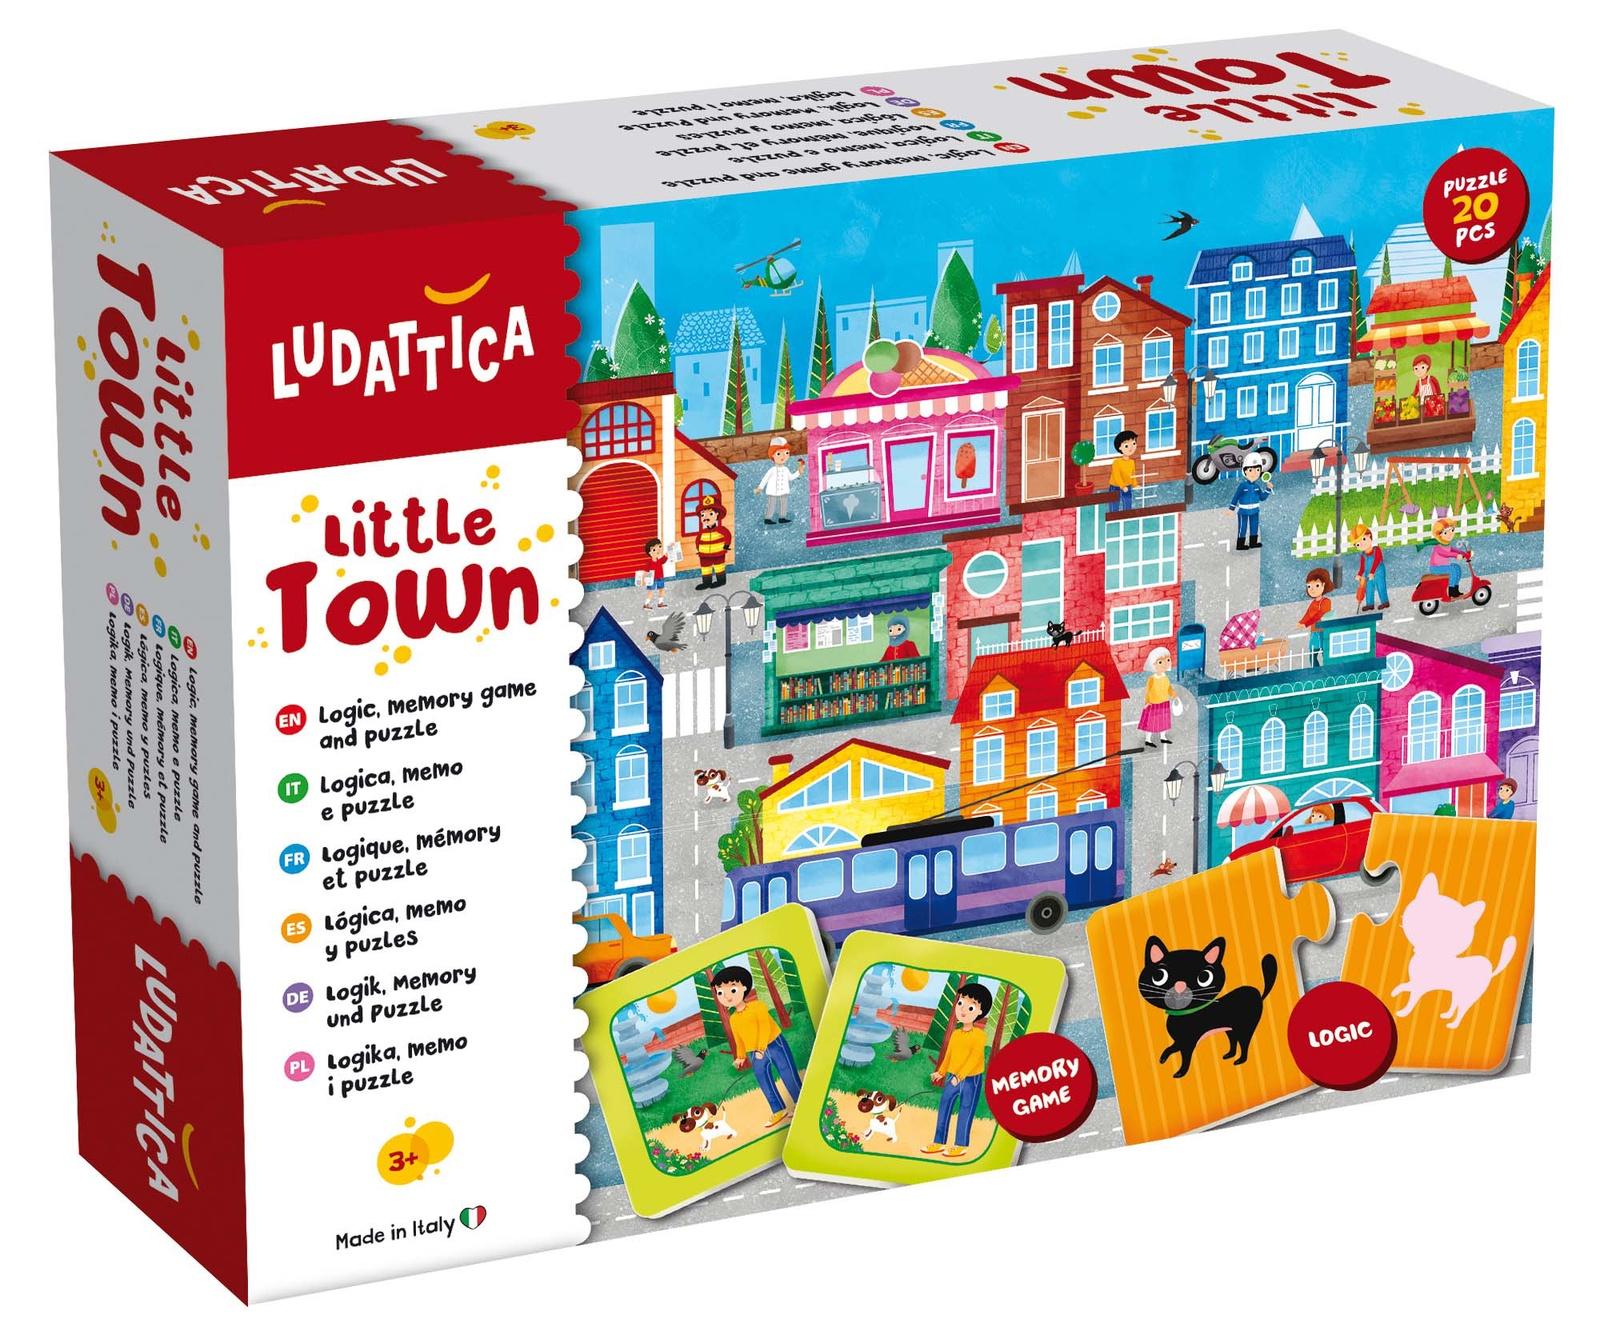 LUDATTICA Игра развивающая 3 в 1 ГОРОД ludattica игра развивающая 3 в 1 город